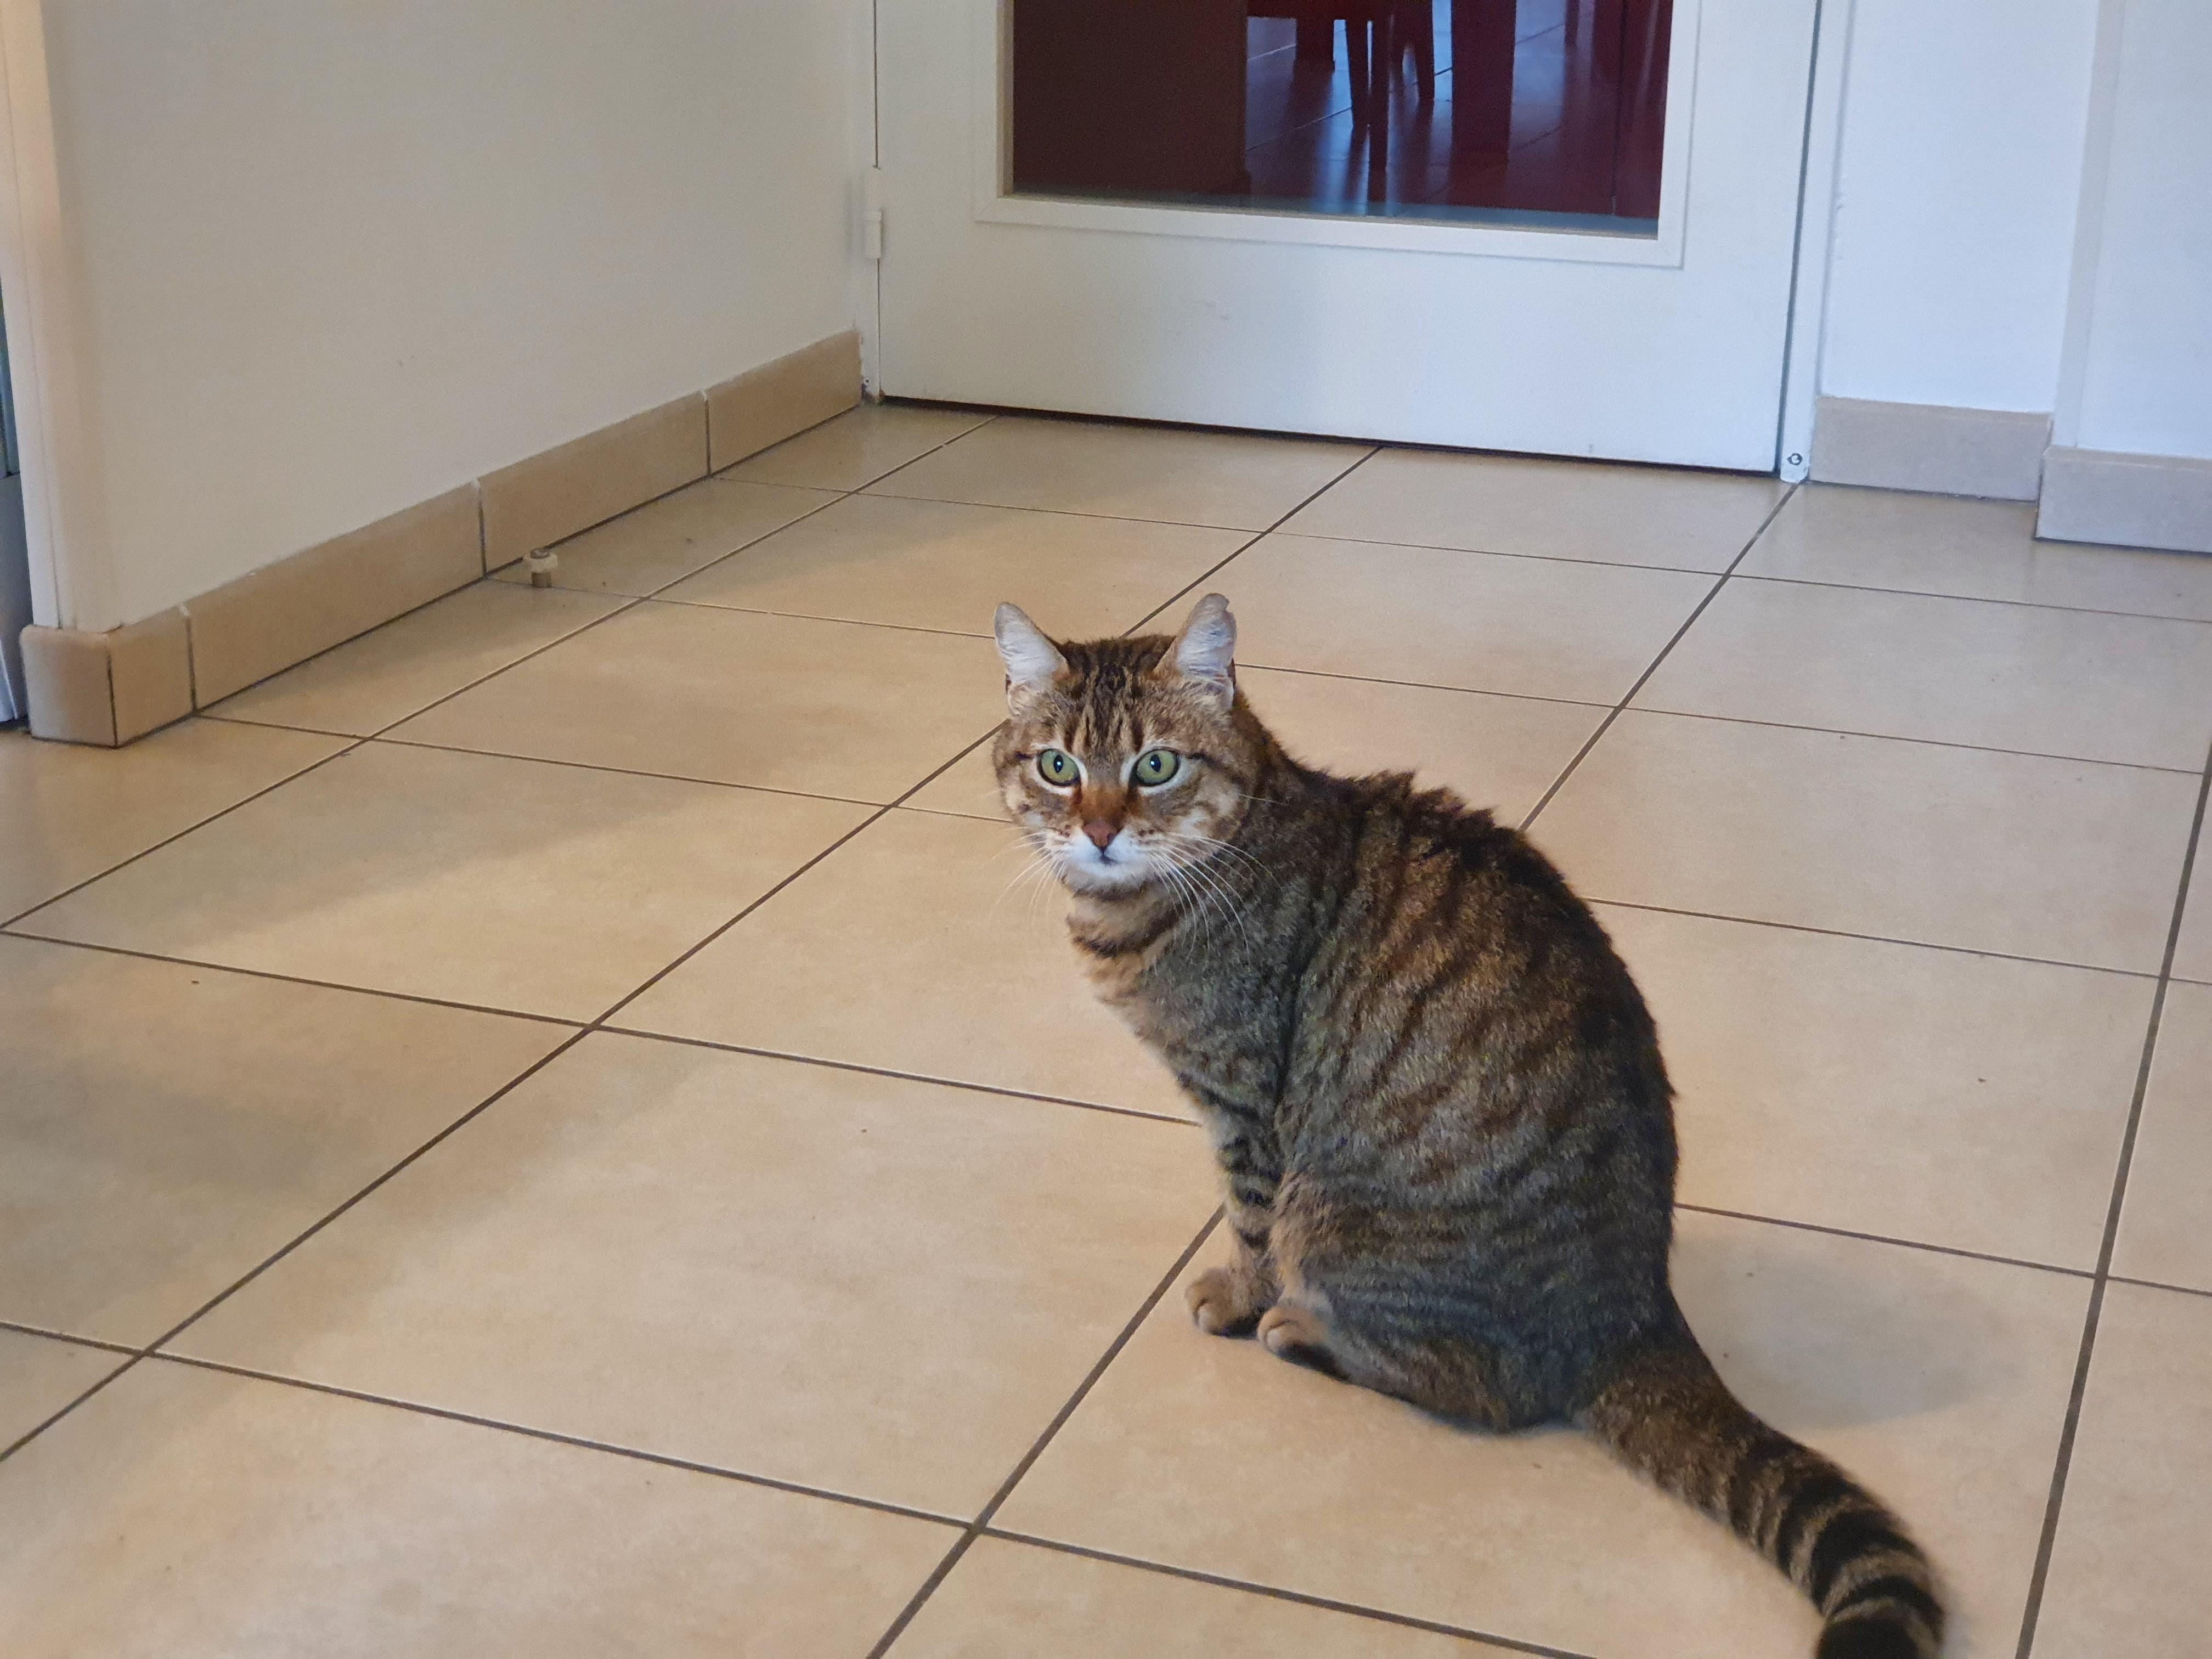 Beautiful cat again